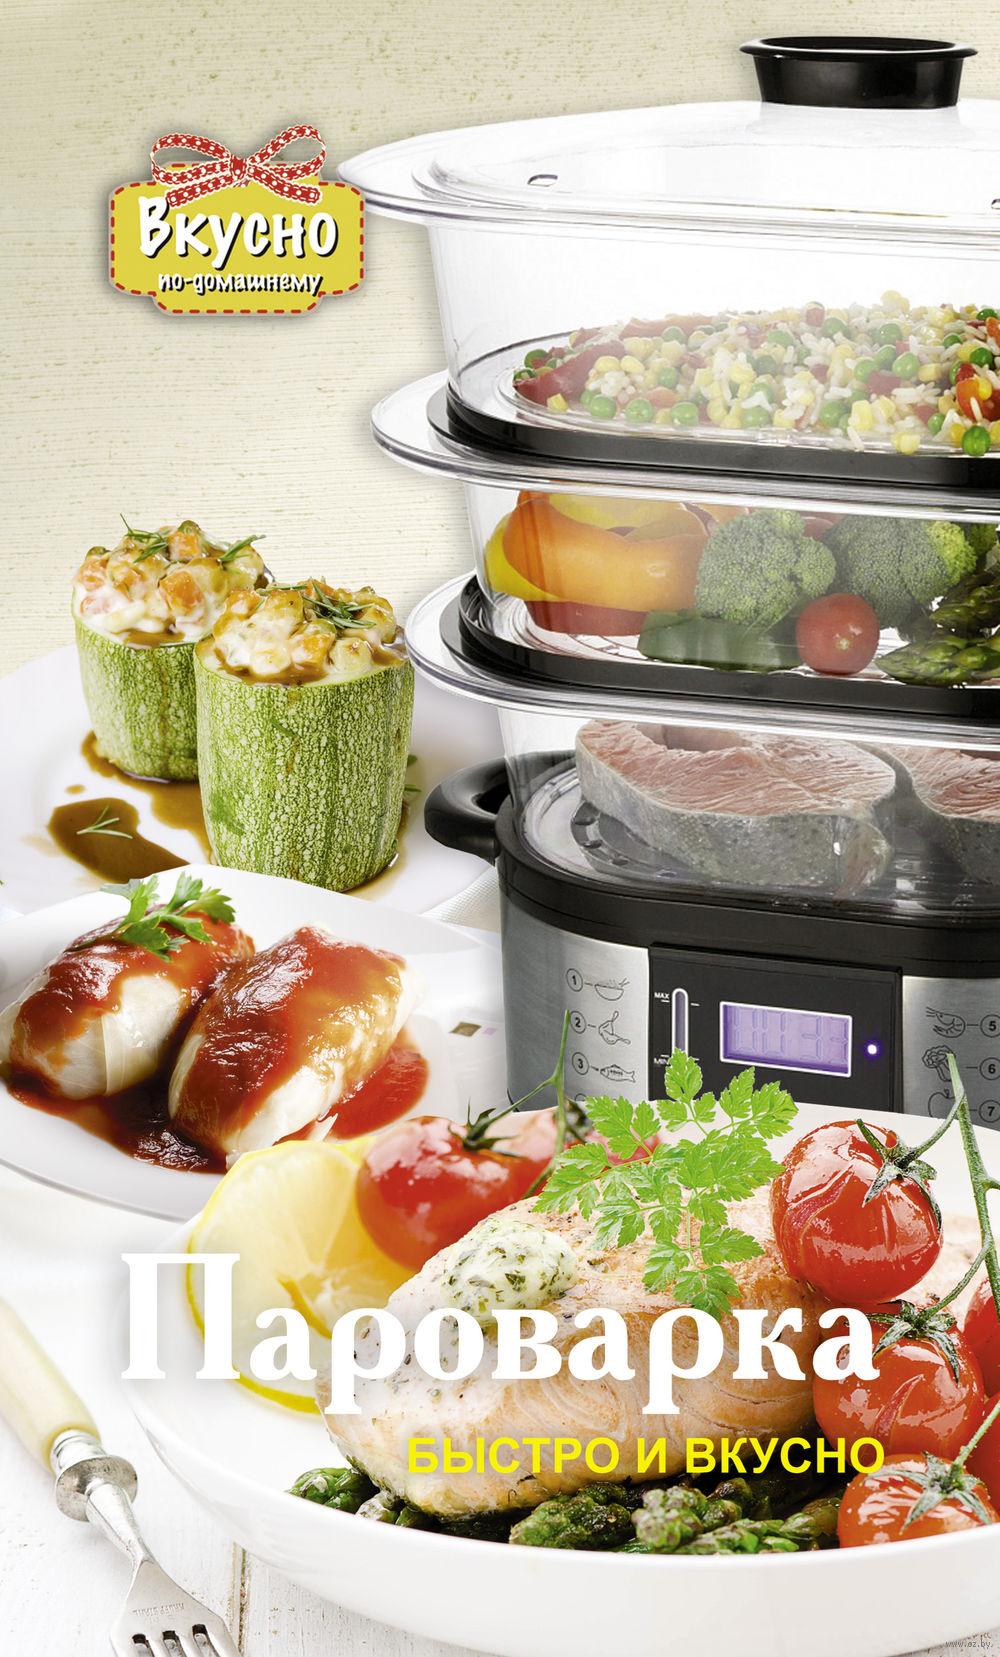 Рецепты в пароварке для похудения, готовим блюда и овощи